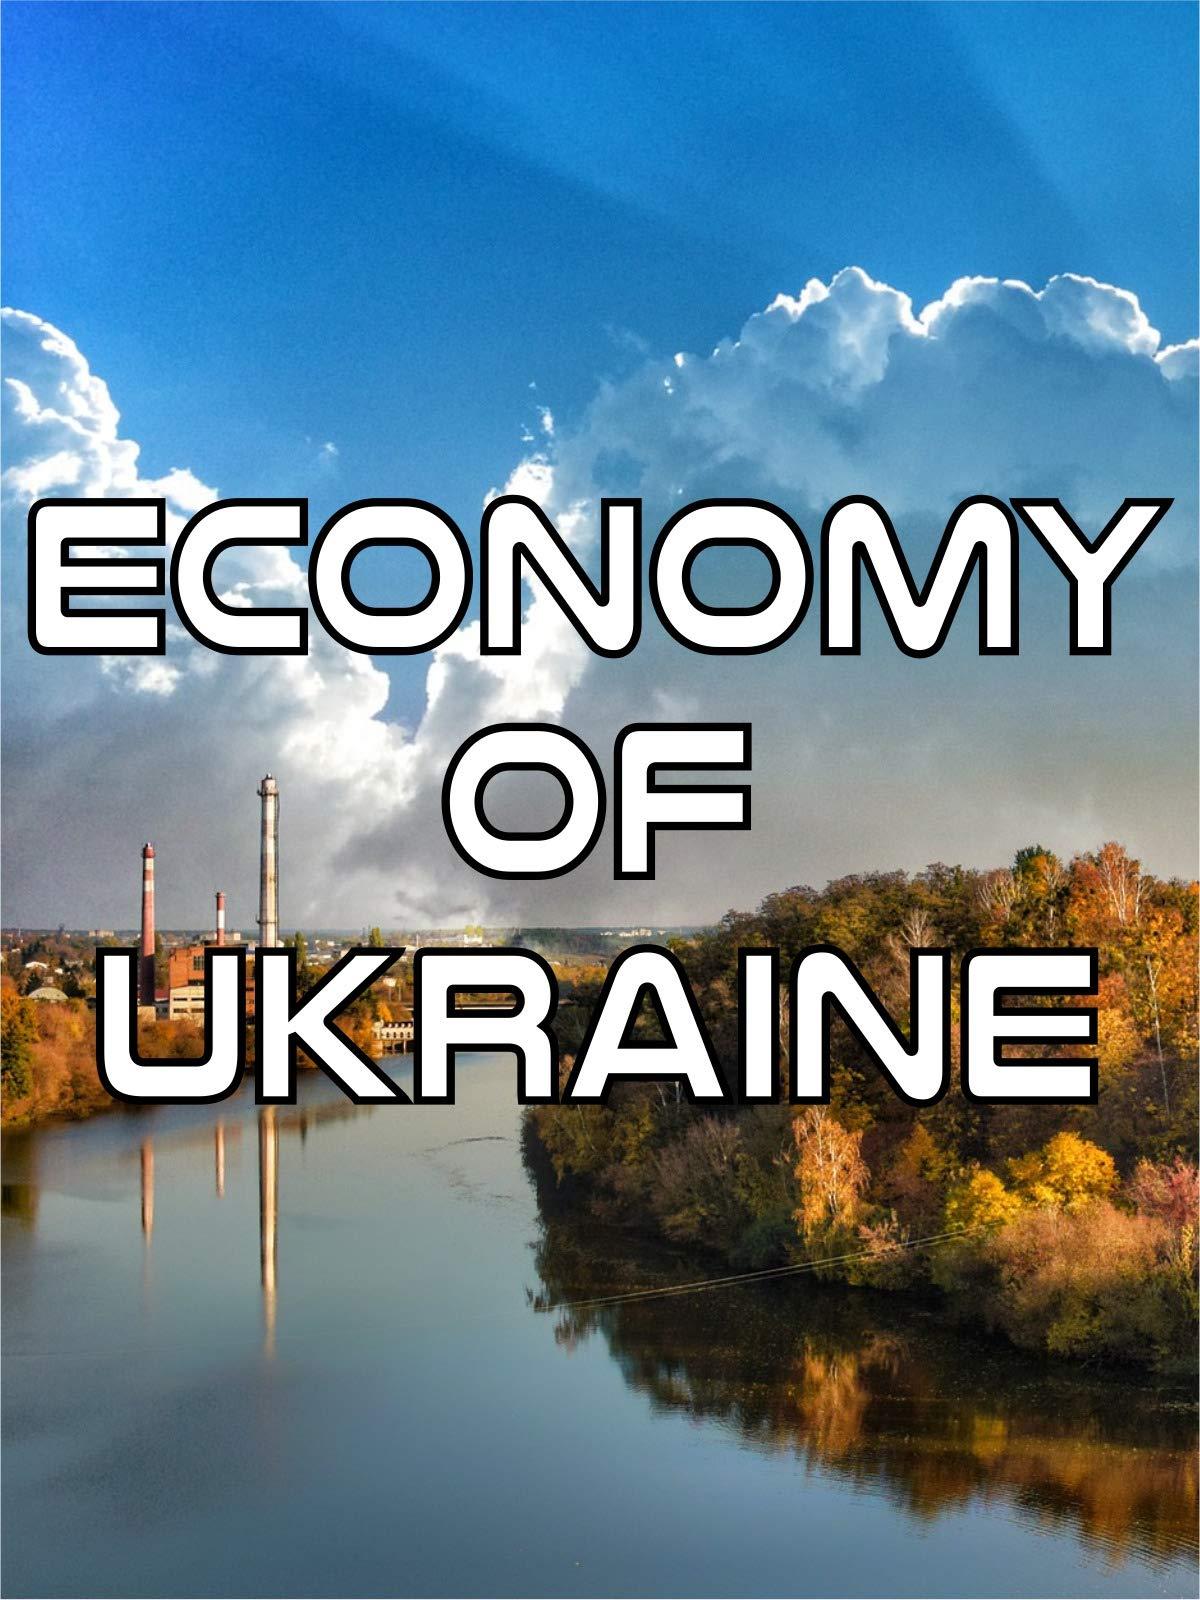 Economy of Ukraine